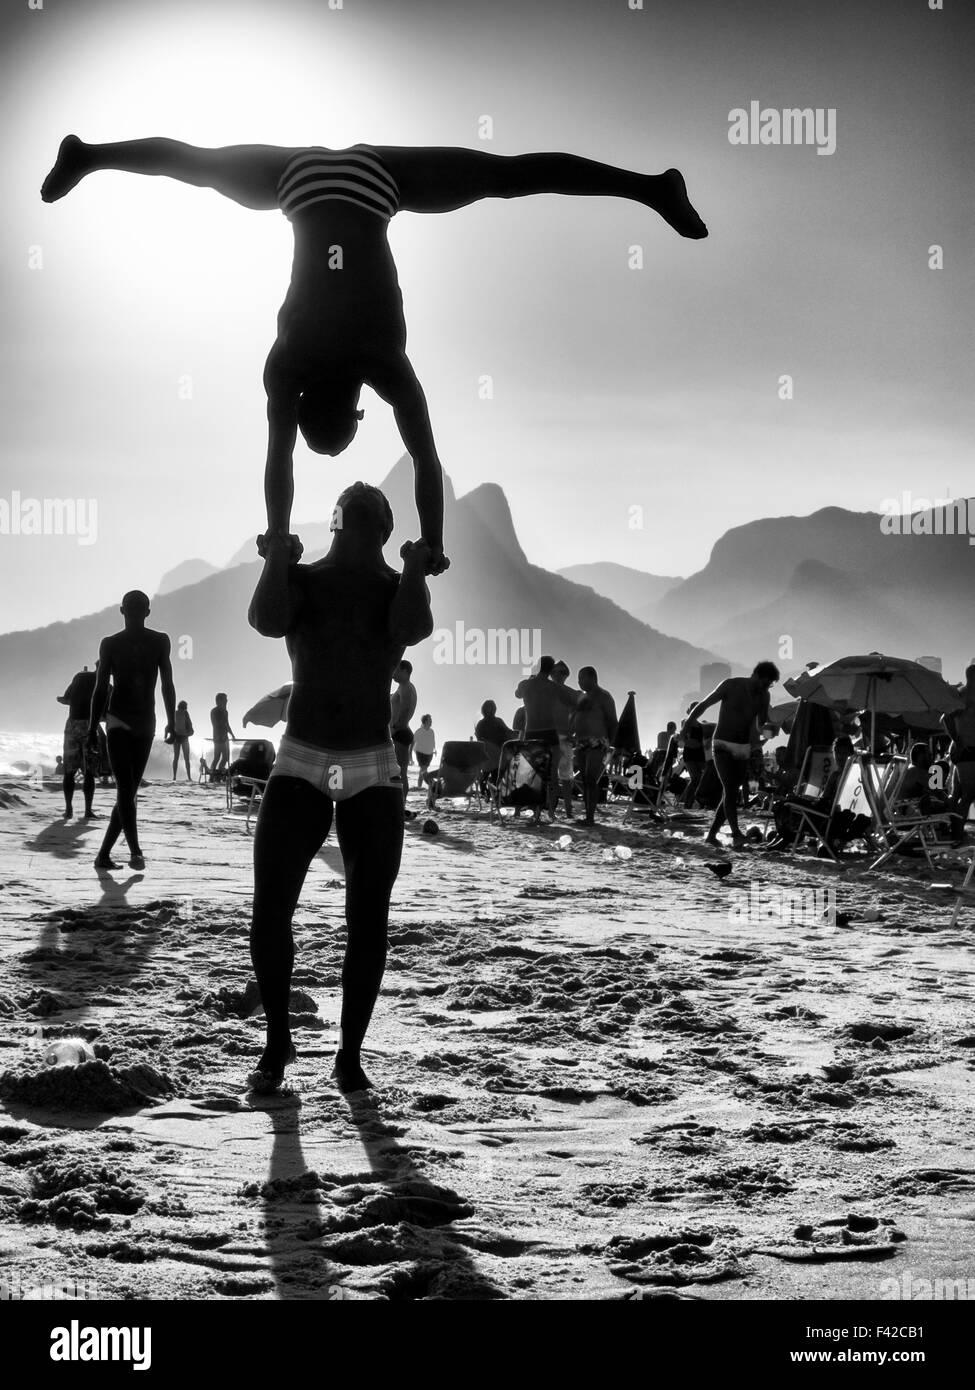 Des silhouettes acrobatic pose devant un coucher de soleil en noir et blanc sur la plage La plage d'Ipanema Photo Stock